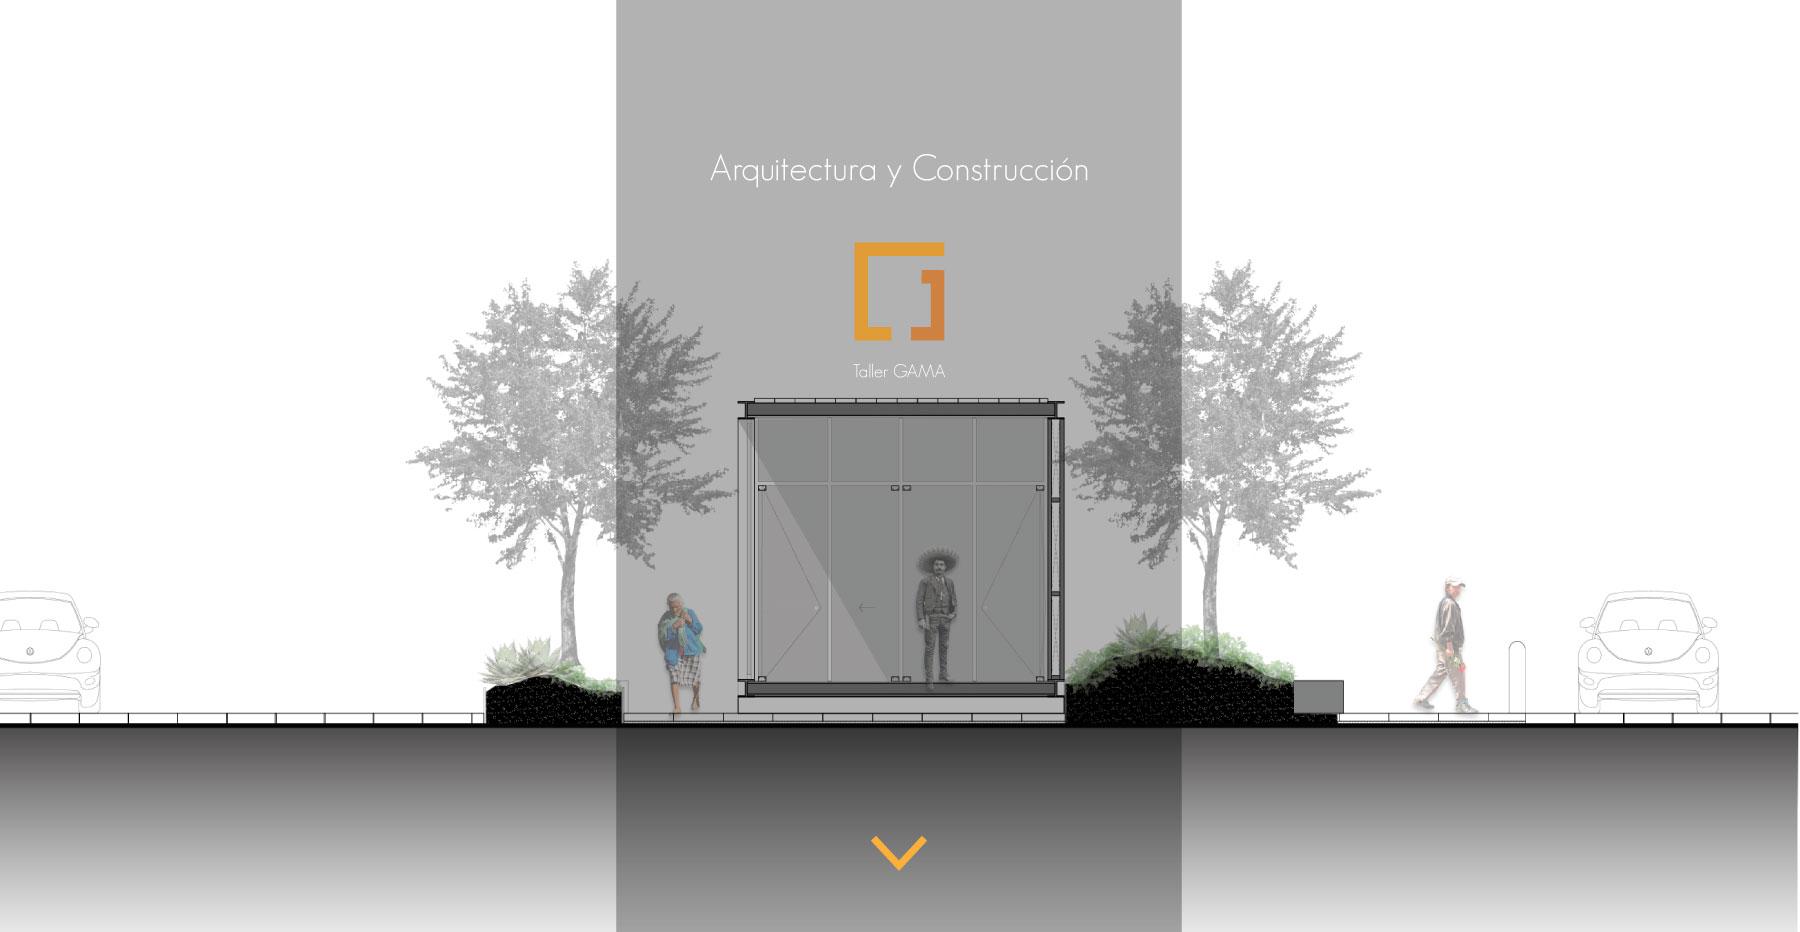 Taller GAMA Arquitectura portada zapata